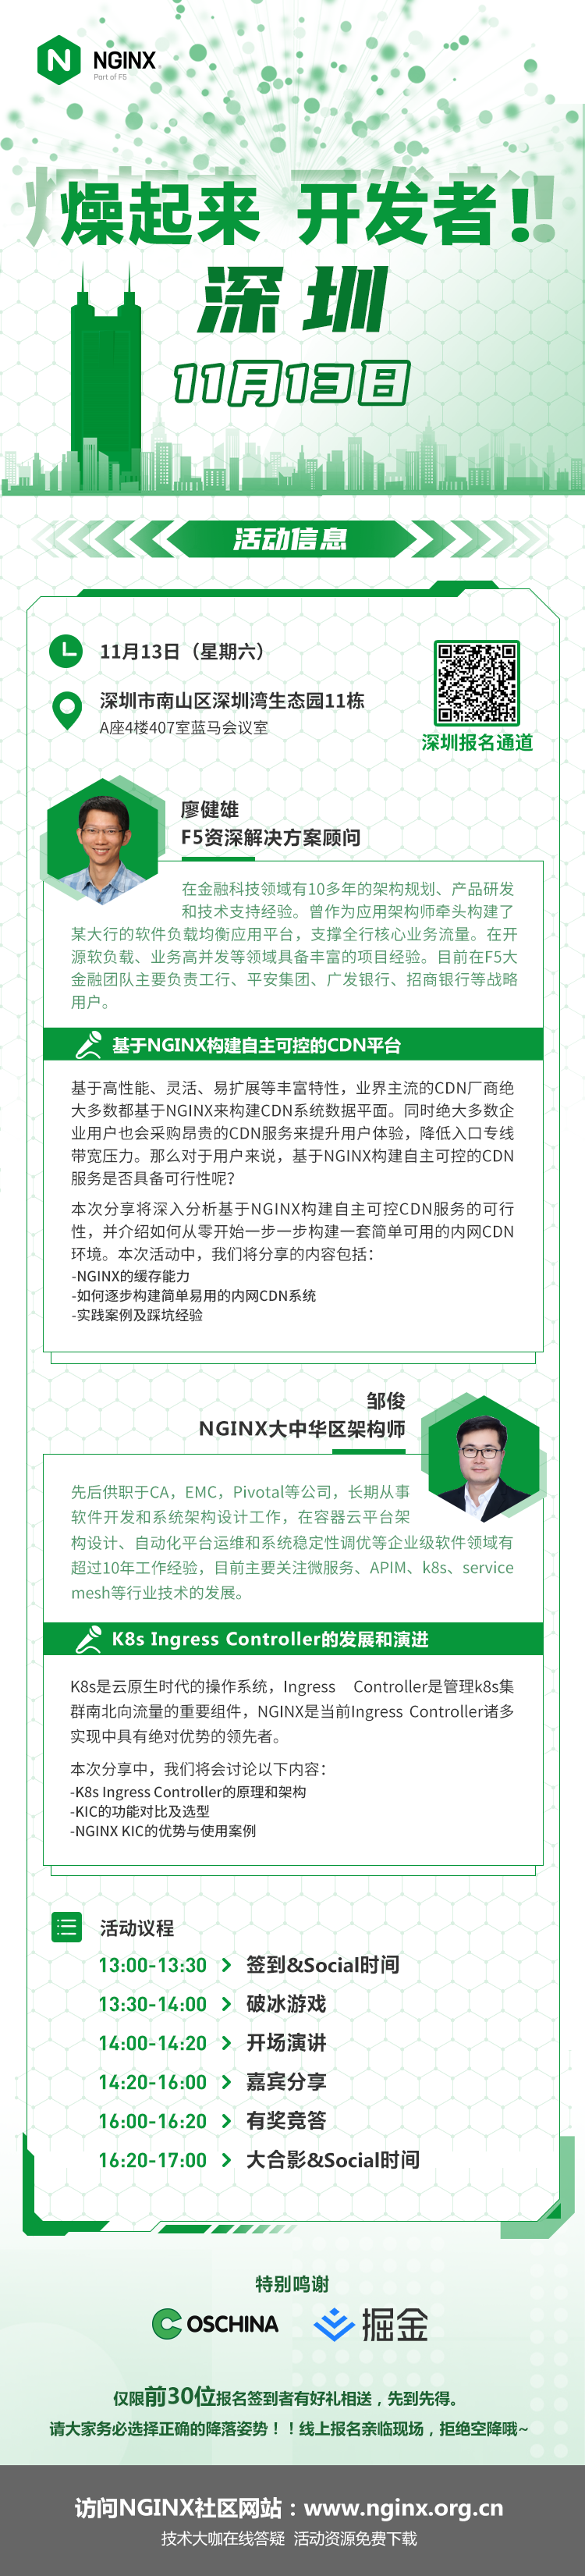 深圳议程海报.png